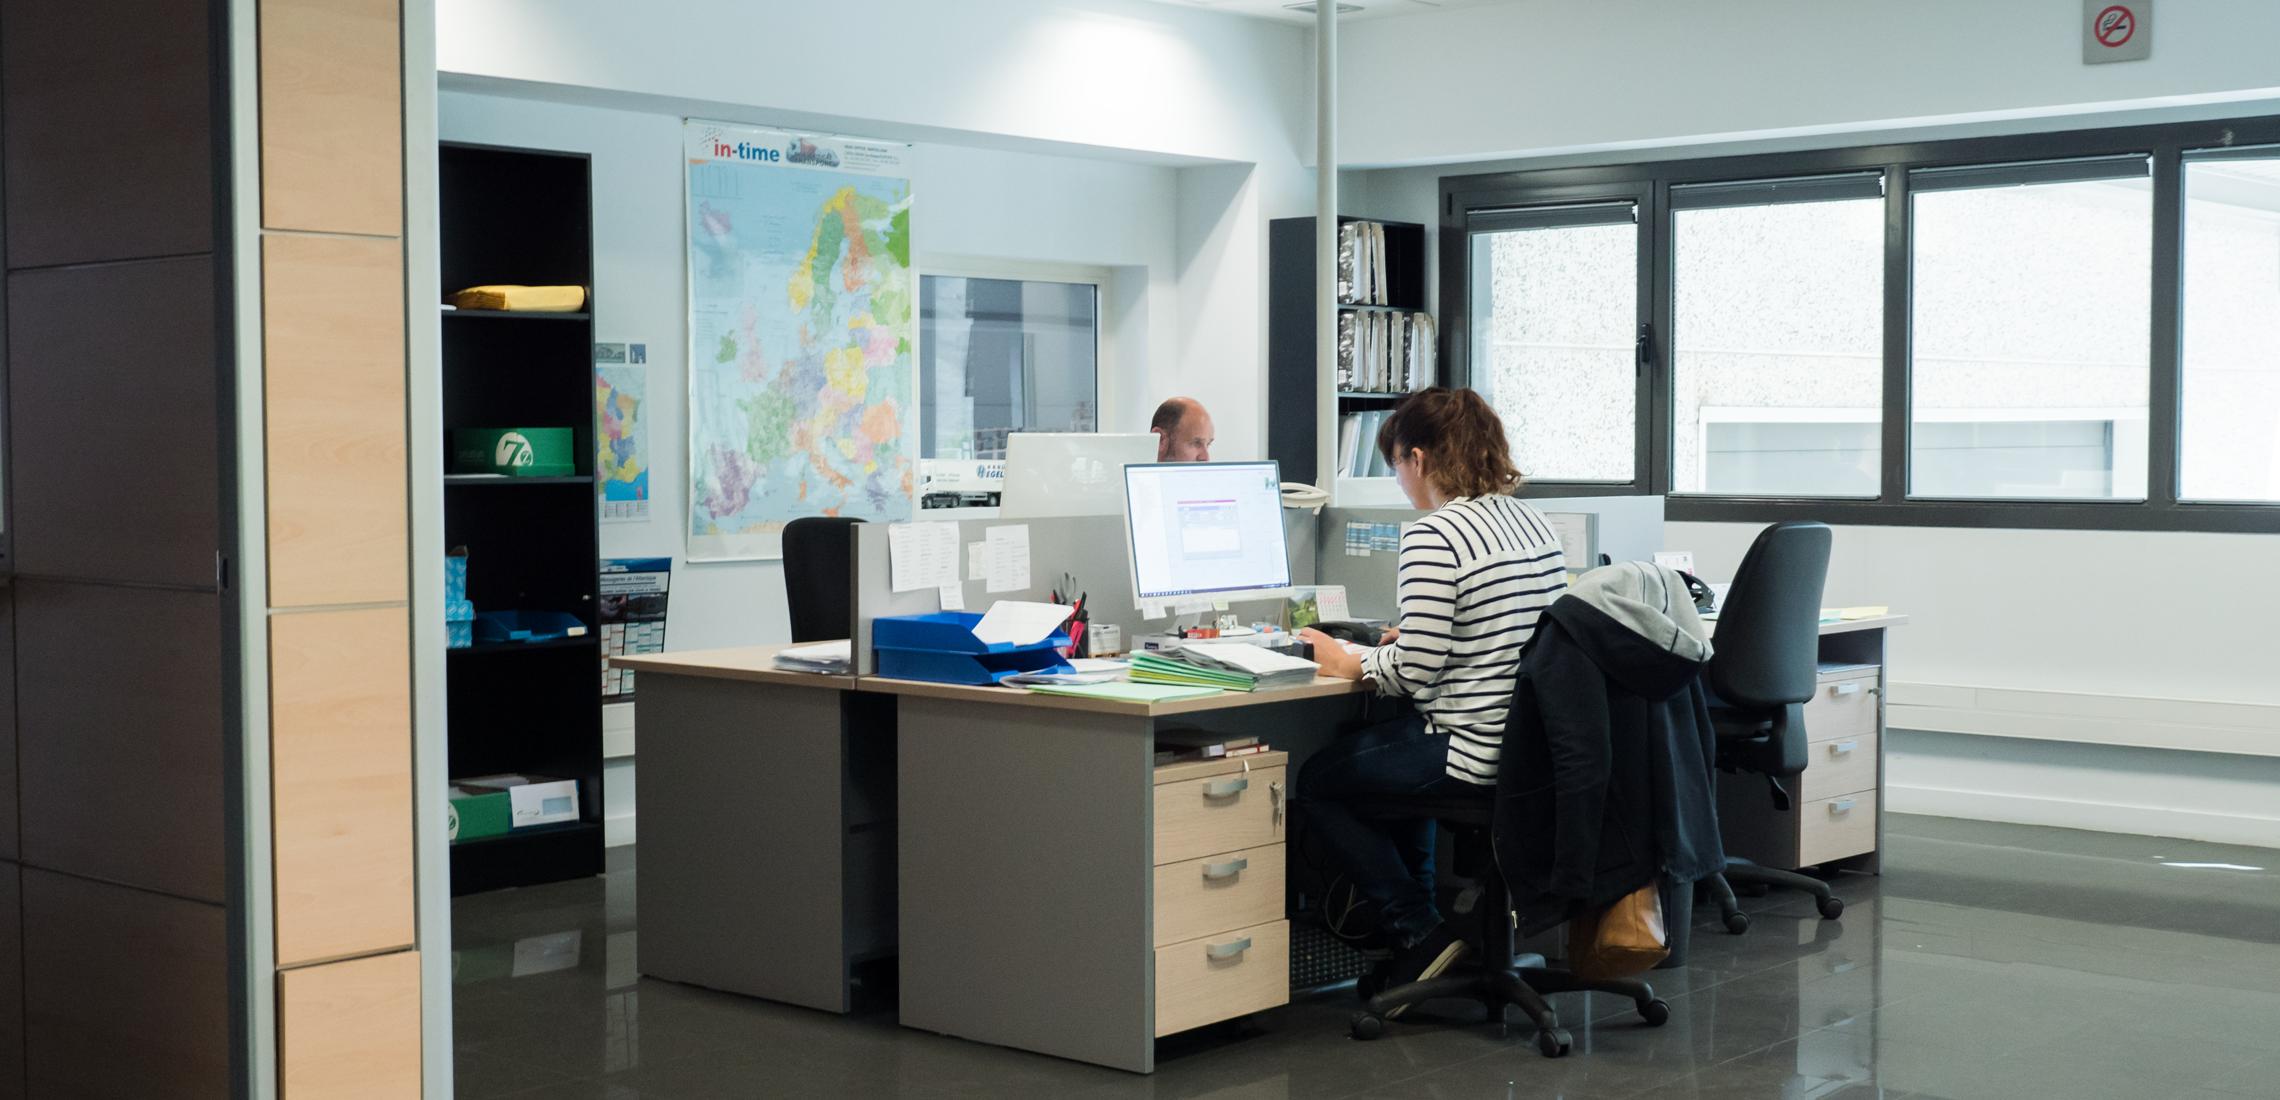 Alditrans Grupo Logístico | Instalaciones y medios | Adinter Logistik